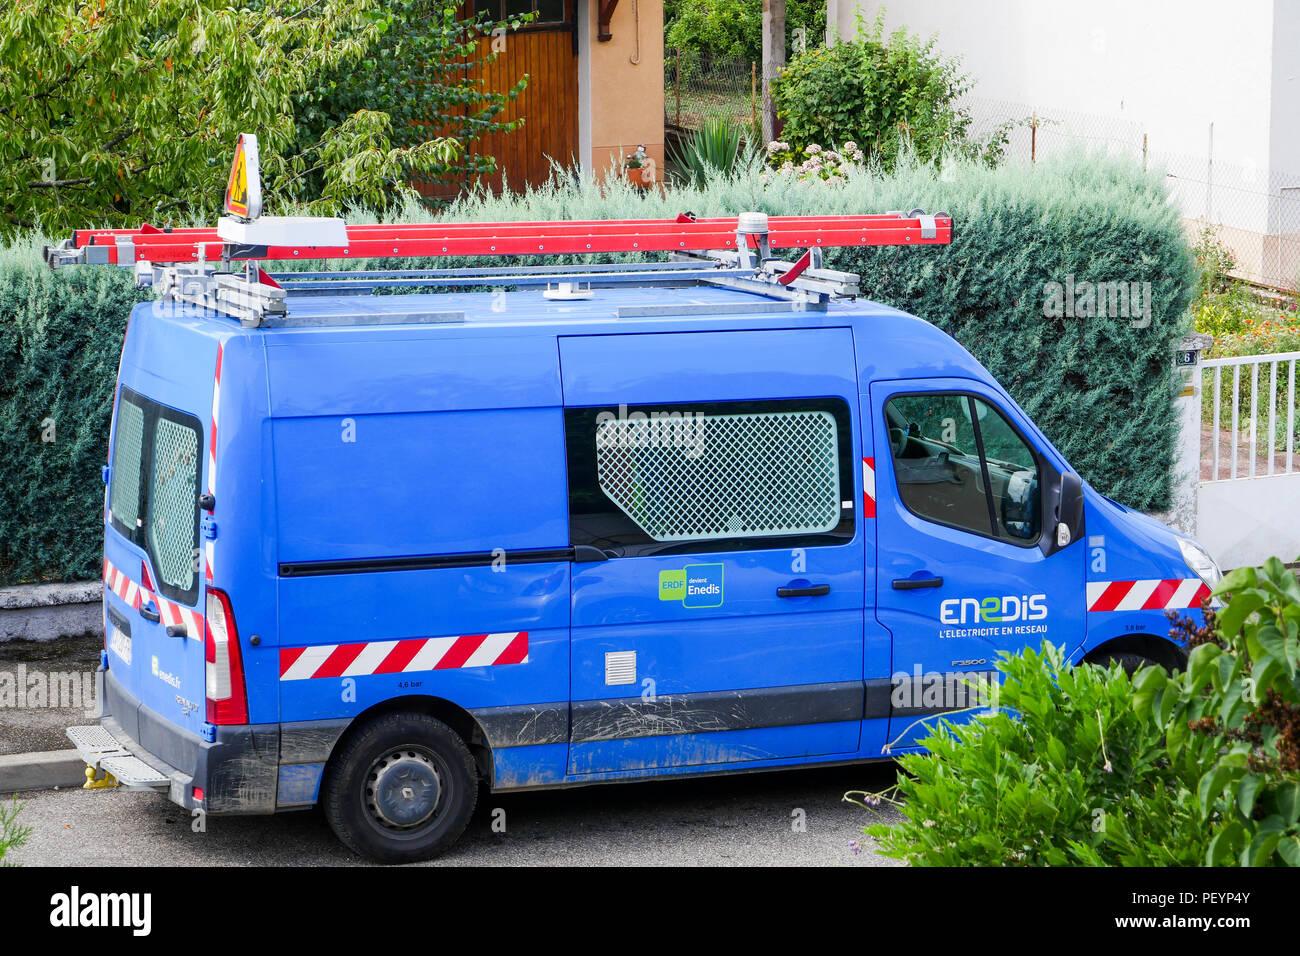 Enedis strom Unternehmen Team bei der Arbeit in einem Wohngebiet, Lyon, Frankreich Stockbild